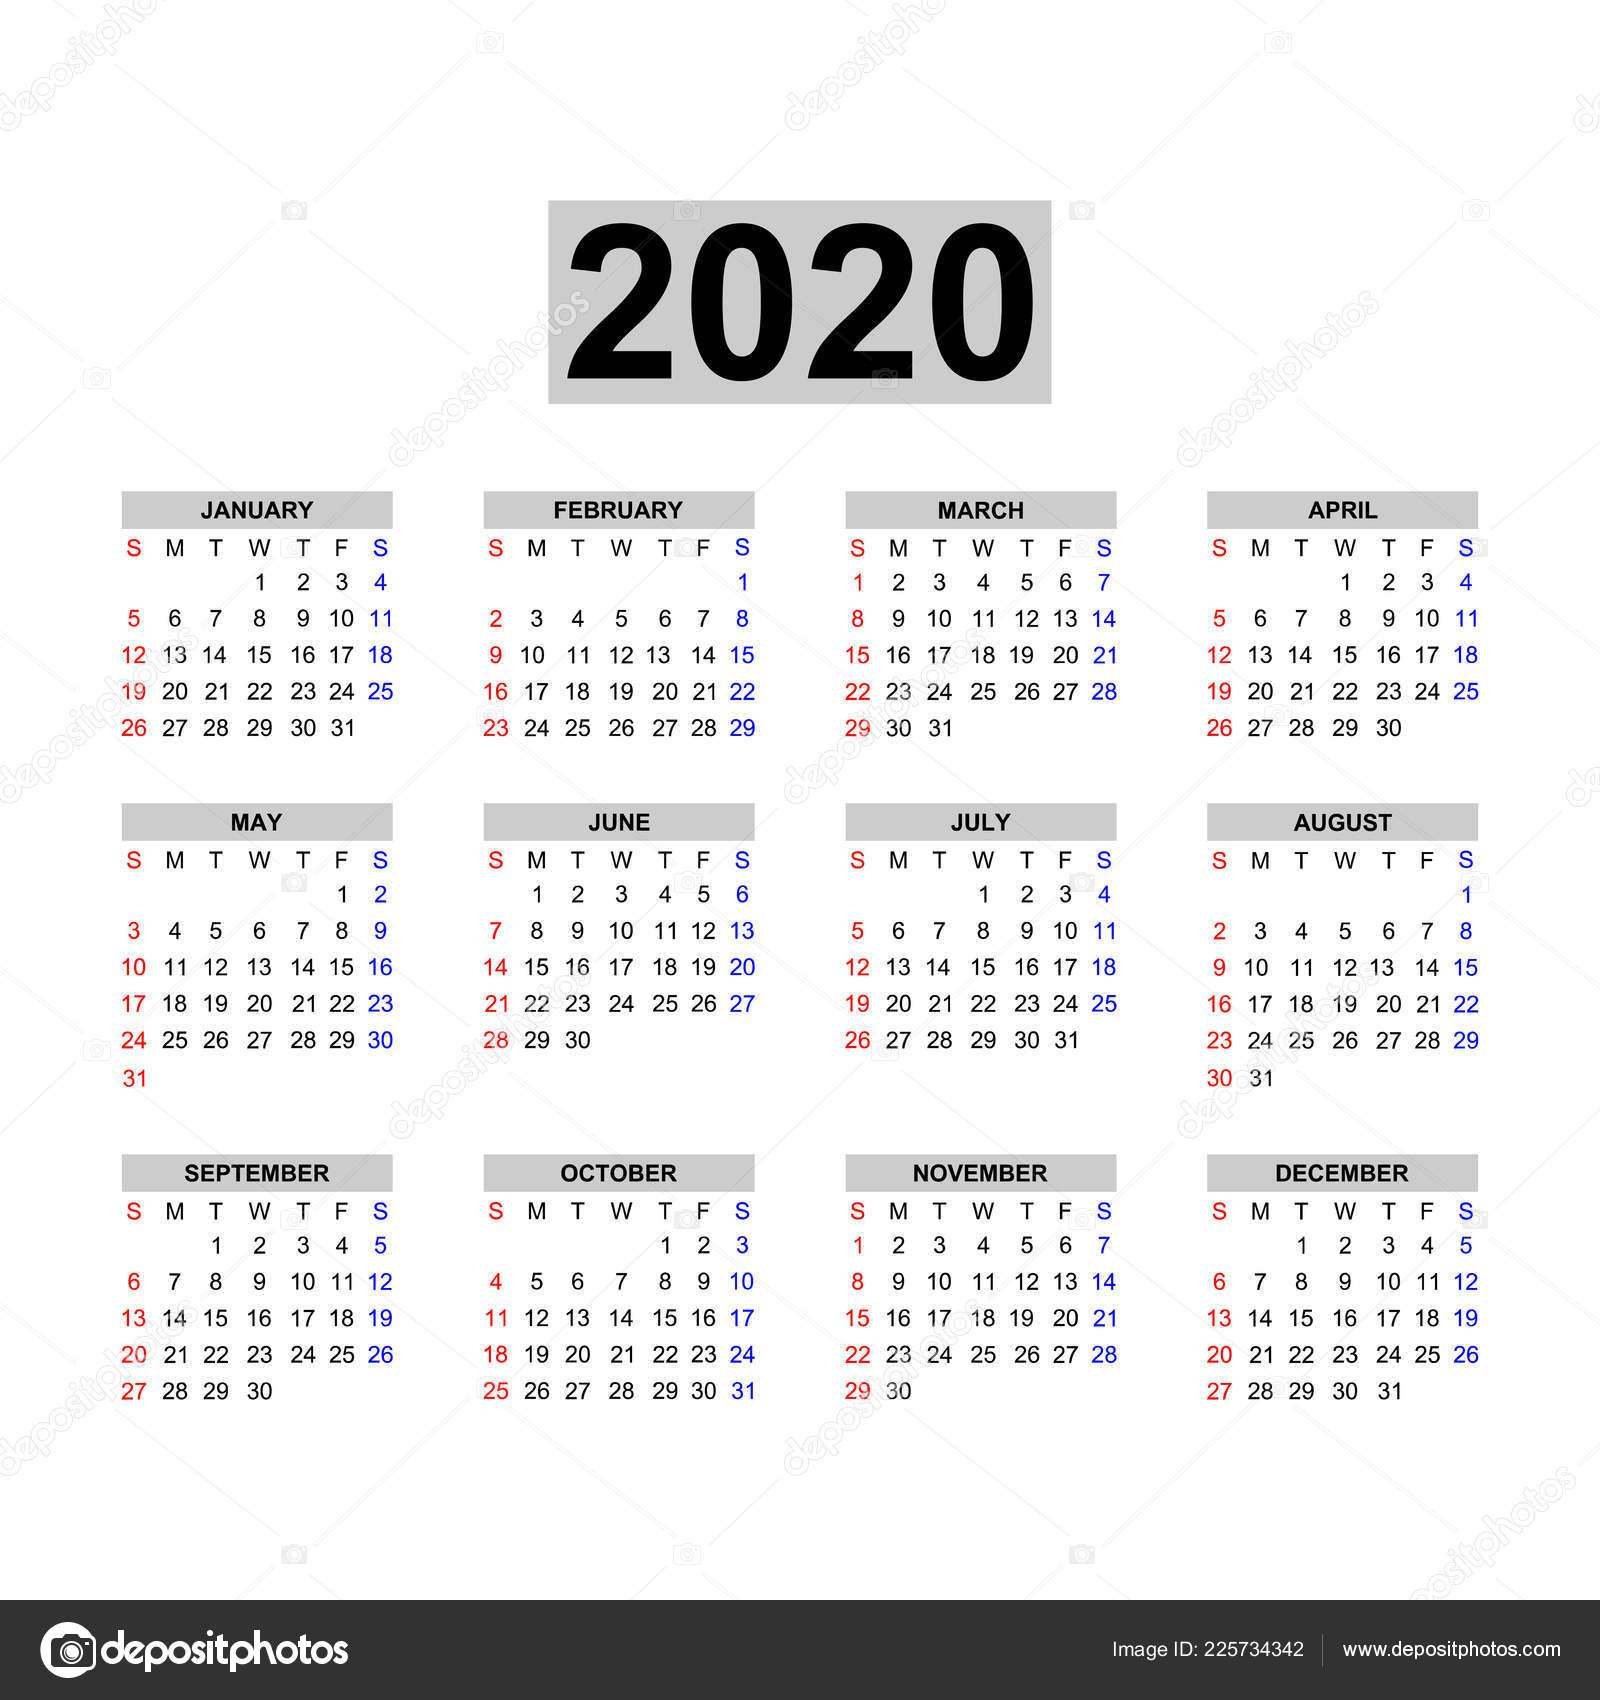 Calendario 2020 2020.Plantilla Calendario 2020 Diseno Calendario Blanco Negro